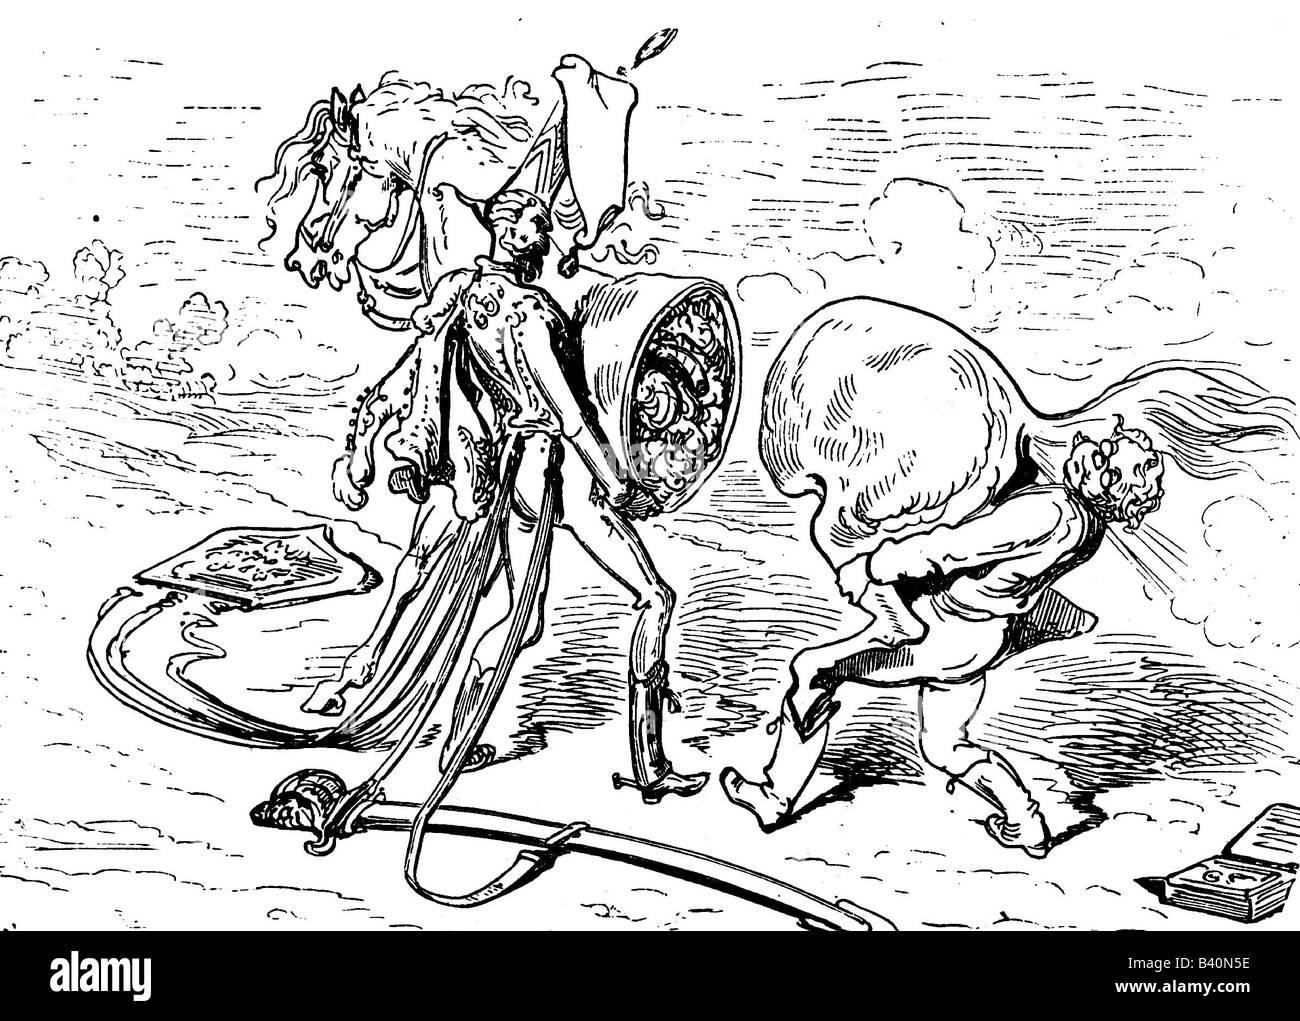 Münchhausen, Baron Karl Friedrich Hieronymus, Freiherr von, 11.5.1720 - 22.2.1797, scène de ses aventures: Réparation de chevaux, gravure sur bois du XIXe siècle, Banque D'Images